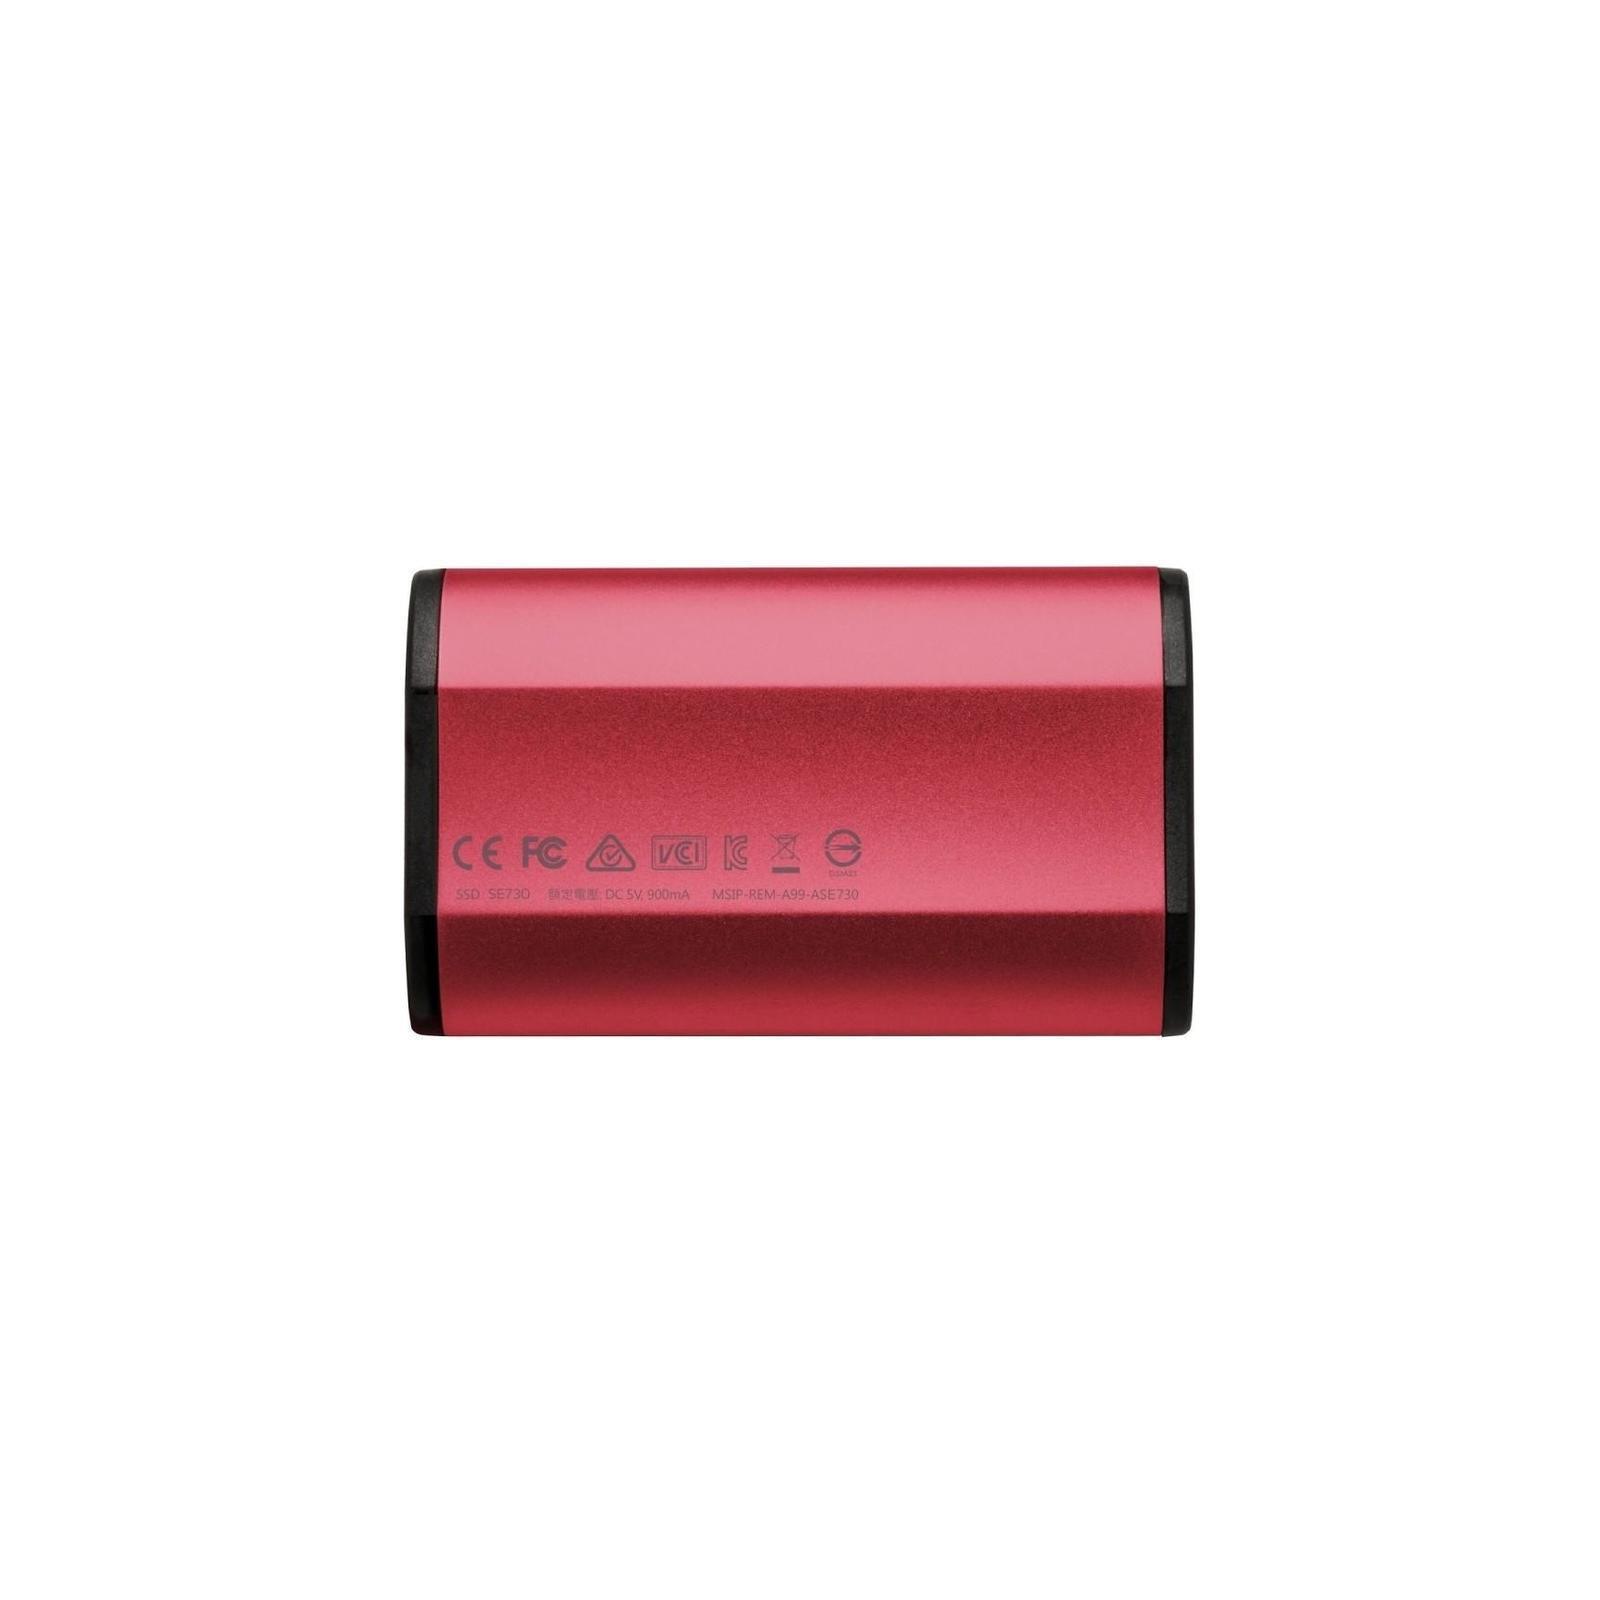 Накопитель SSD USB 3.1 512GB ADATA (ASE730H-512GU31-CRD) изображение 2